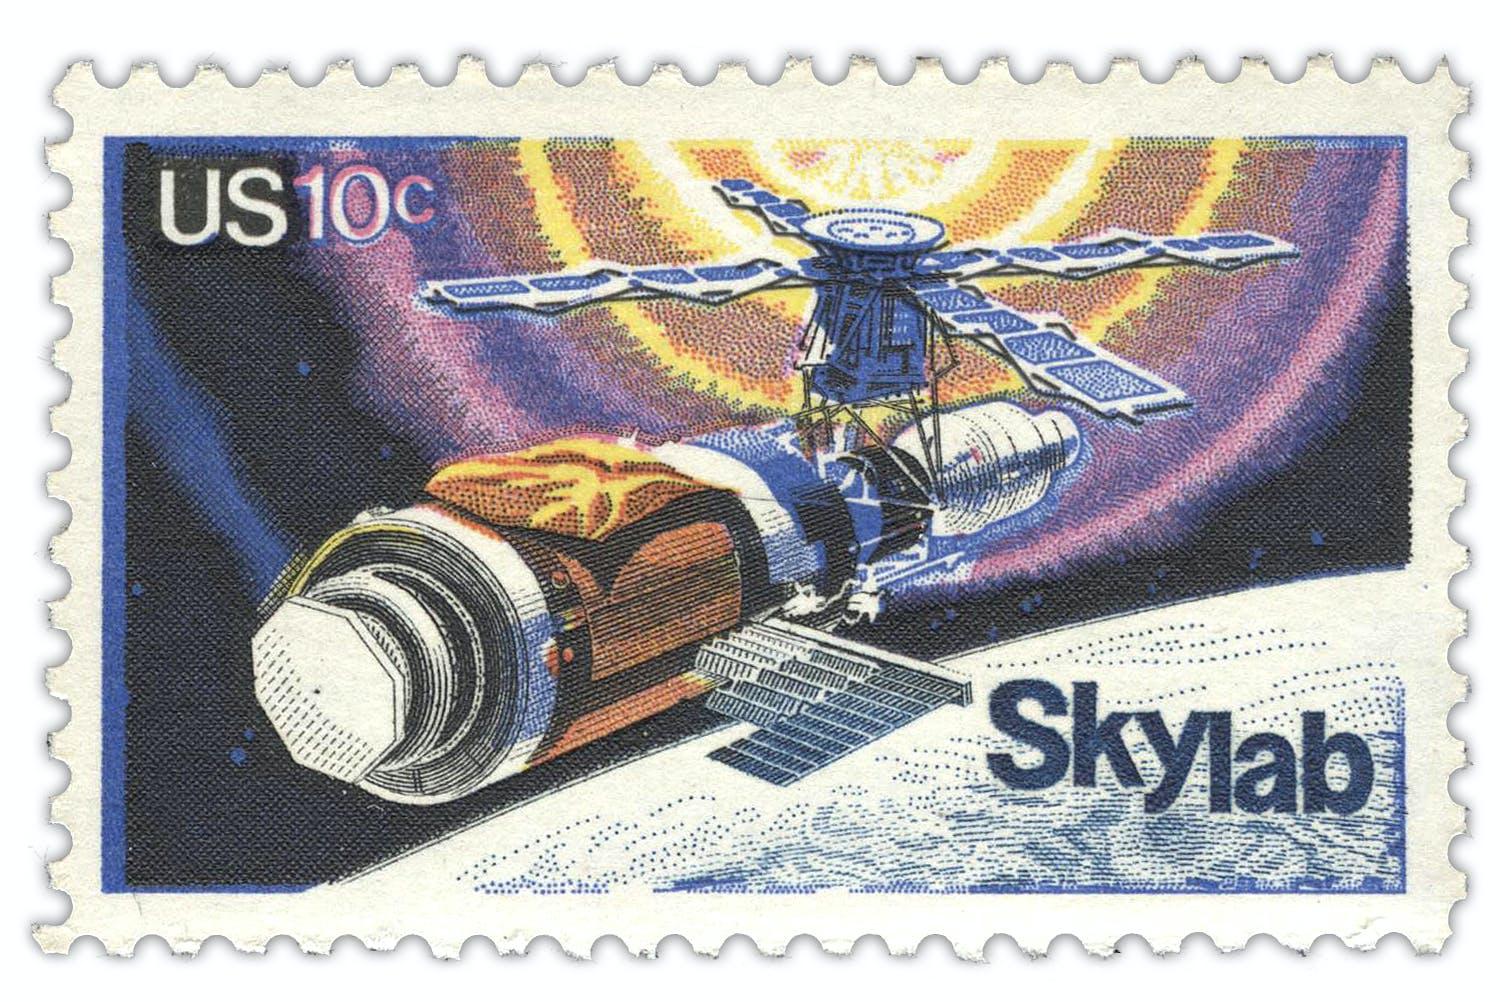 US-amerikanische Briefmarke aus dem Jahr 1974, welche die Raumstation Skylab zeigt